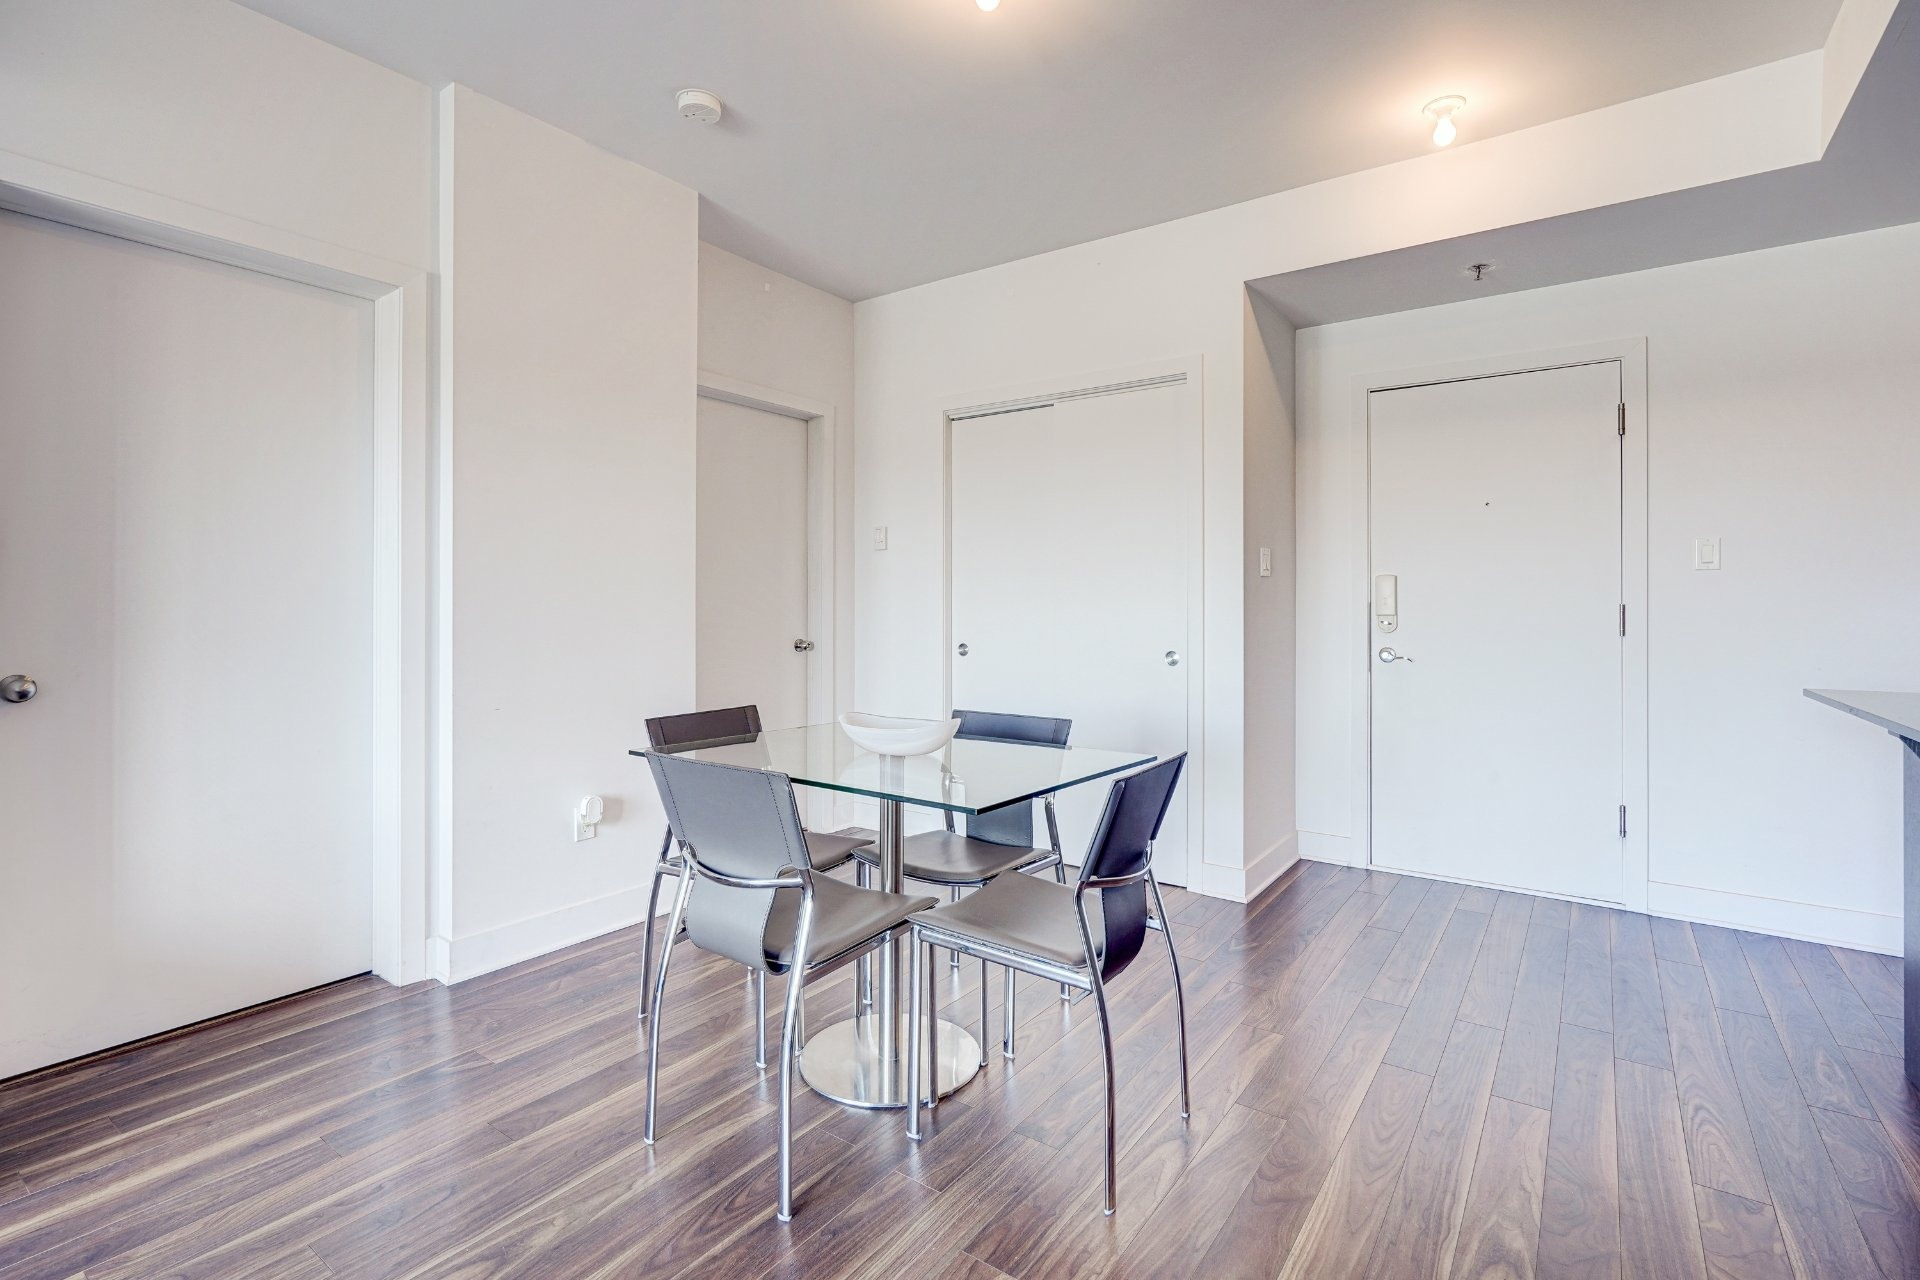 image 4 - Appartement À vendre Saint-Laurent Montréal  - 7 pièces